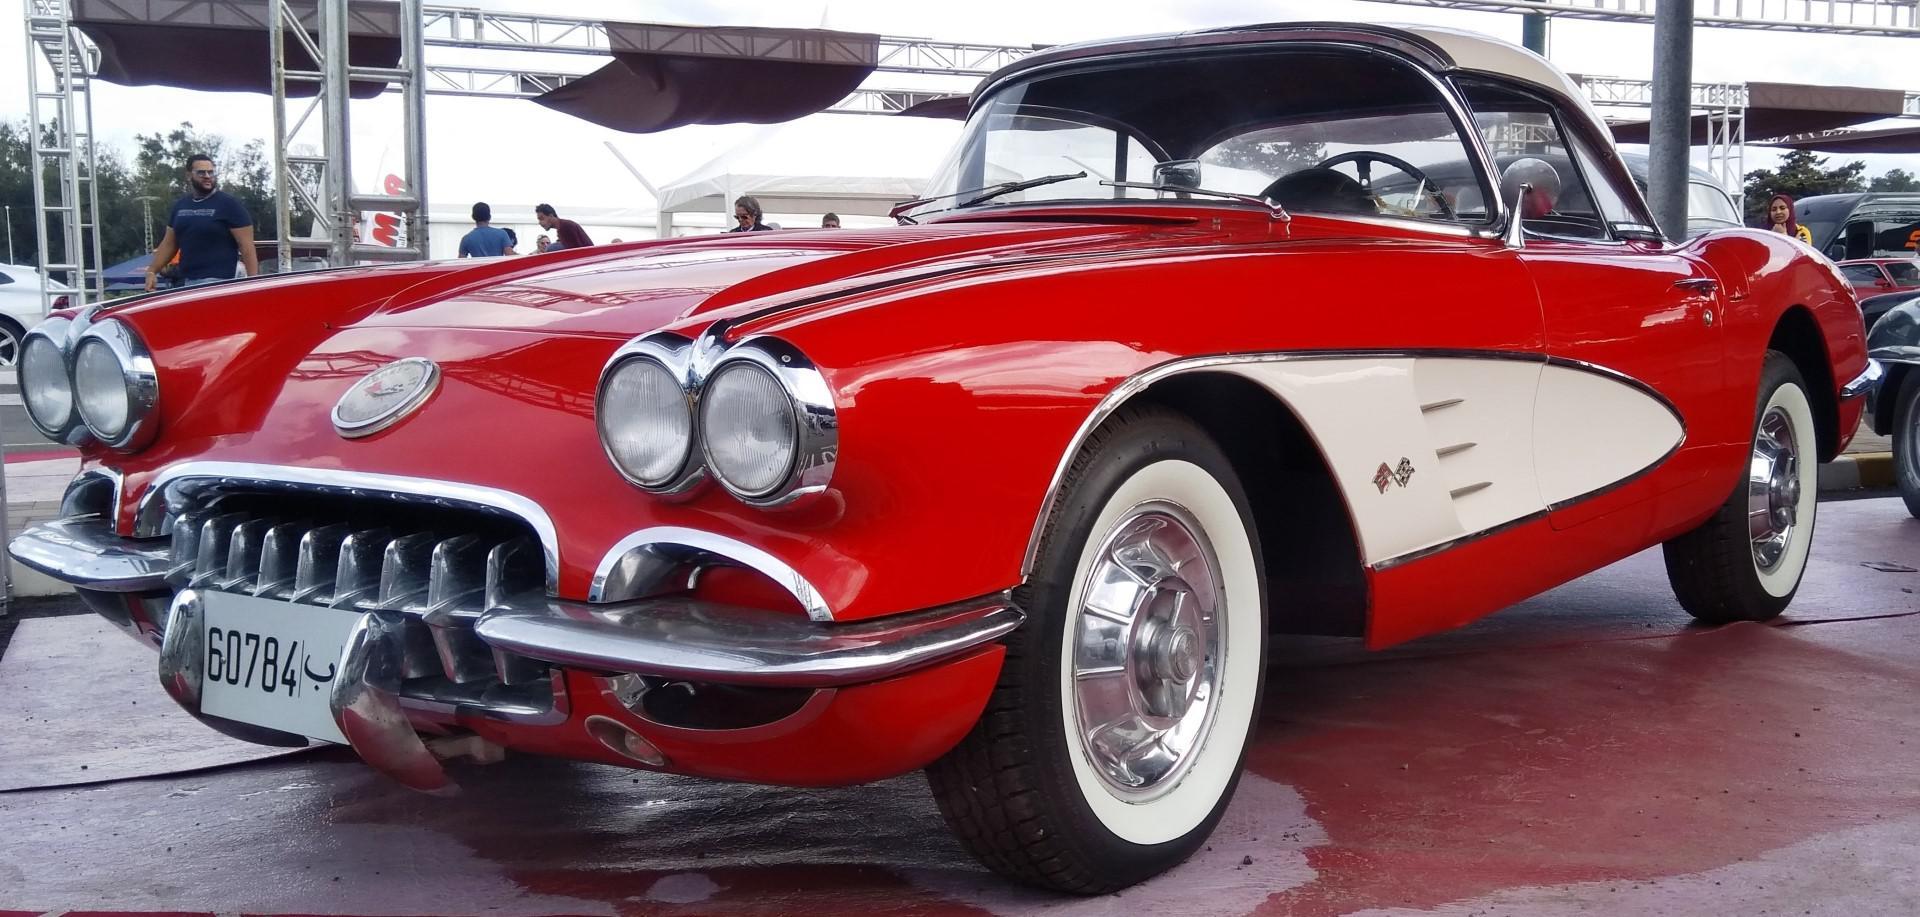 les-voitures-de-sports-du-classic-cars-expo-2019-1137-4.jpg